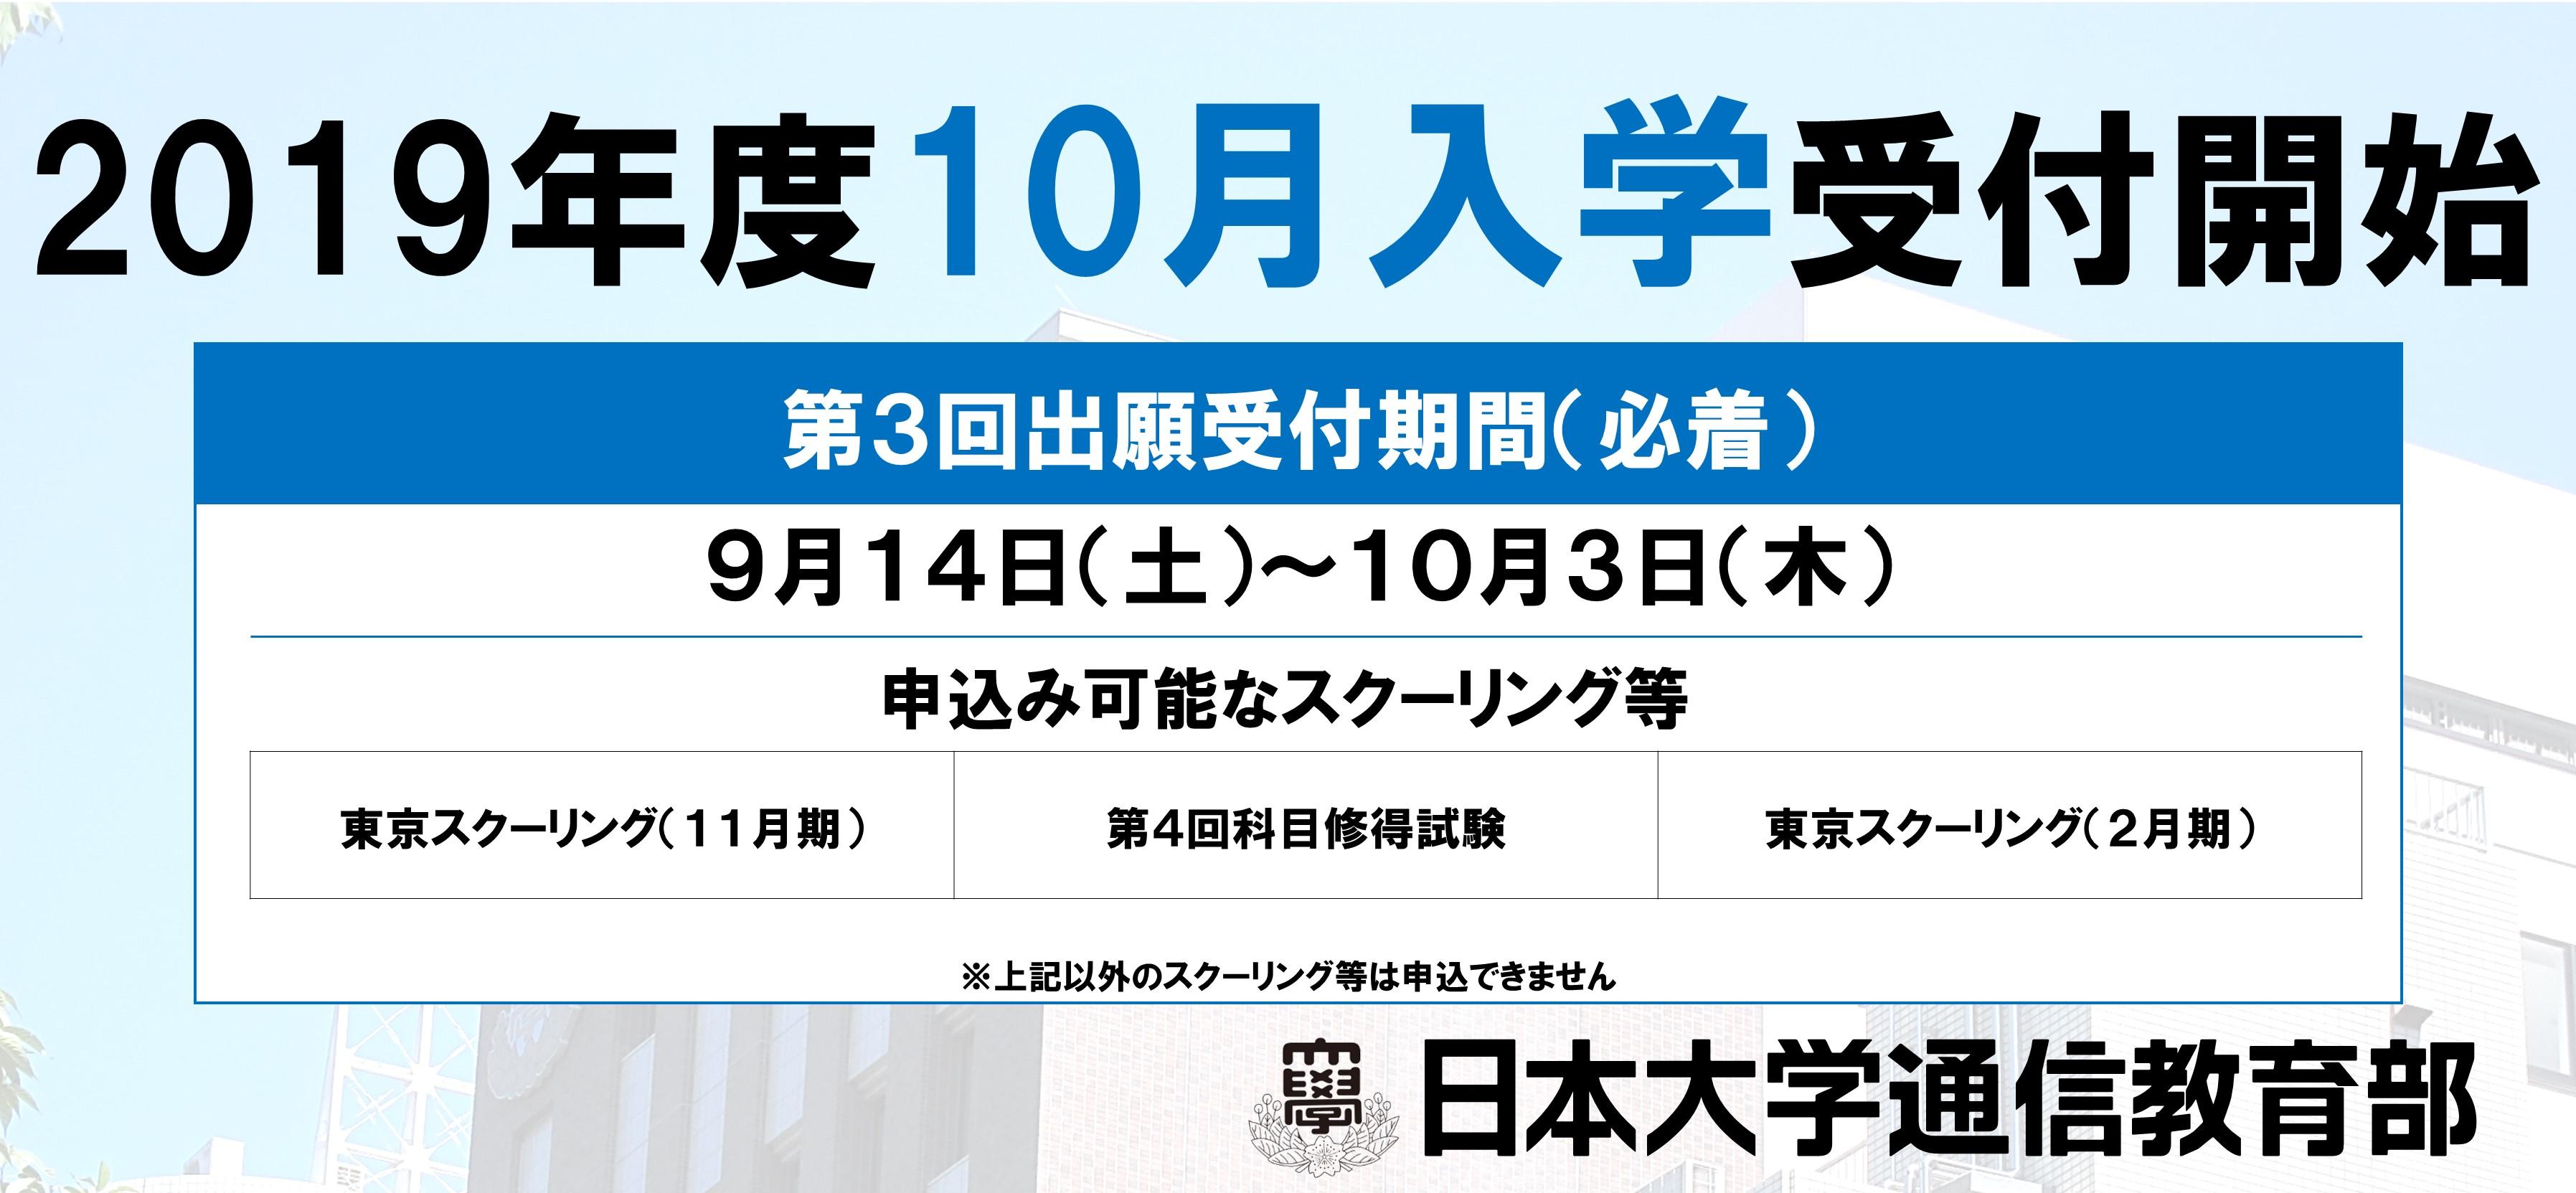 2019年度10月入学受付開始(第3回)